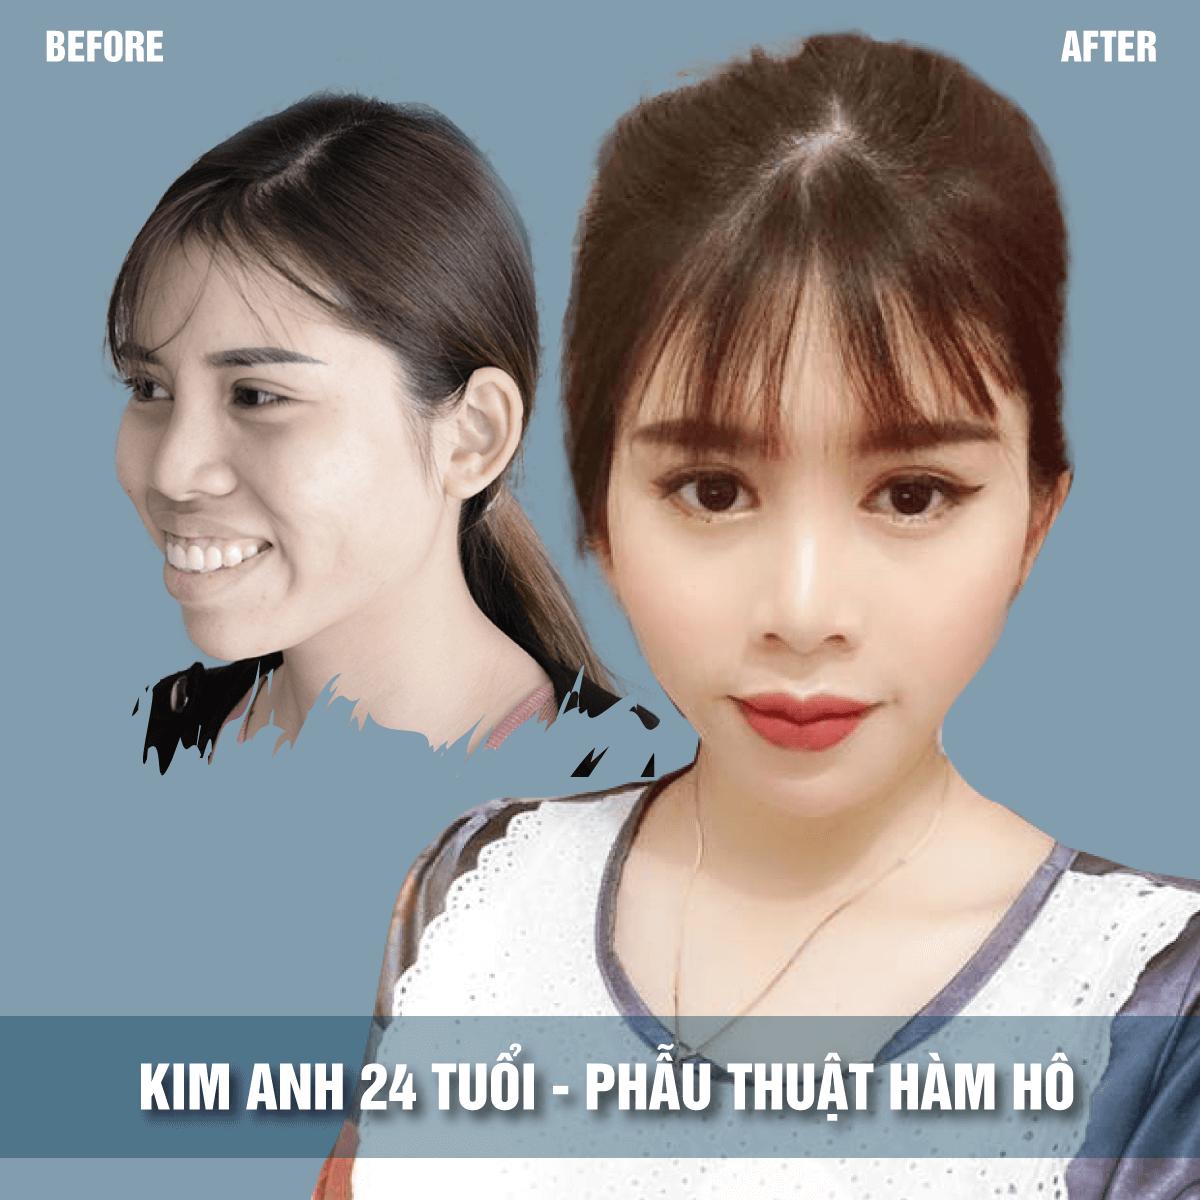 Hot girl Kim Anh phẫu thuật hàm hô, phẫu thuật hàm hô jw